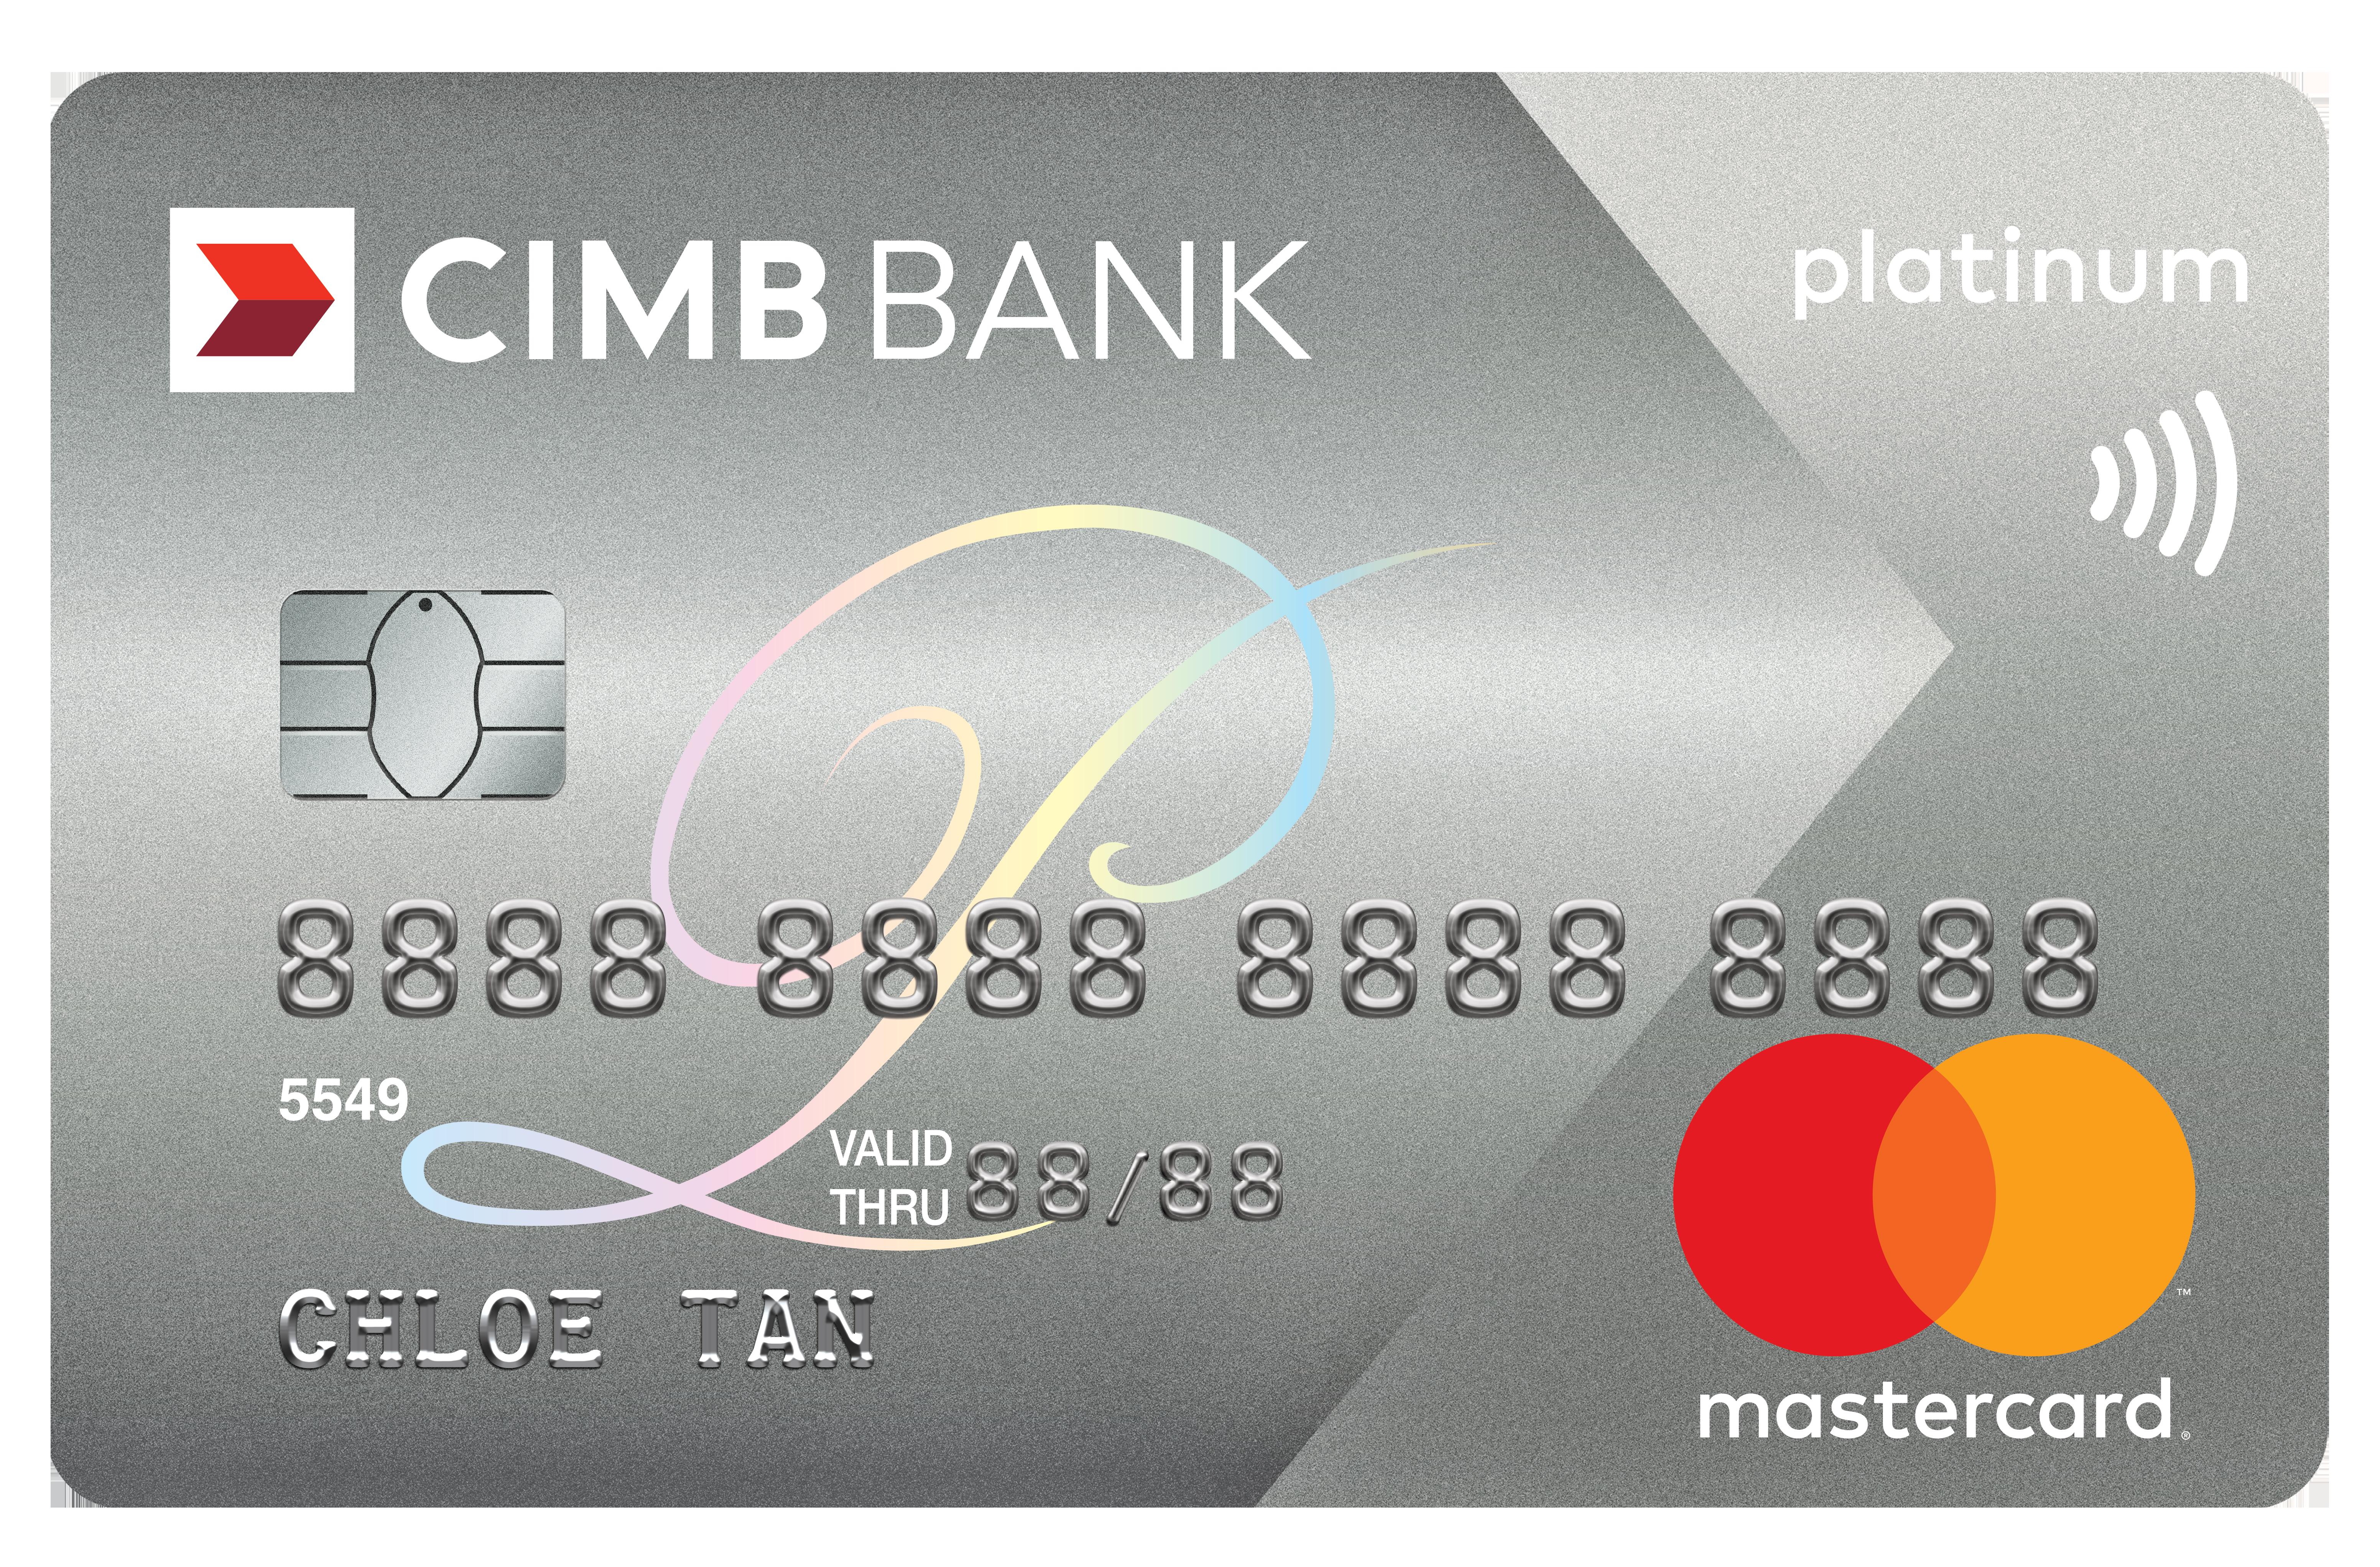 CIMB Platinum Mastercard Promos